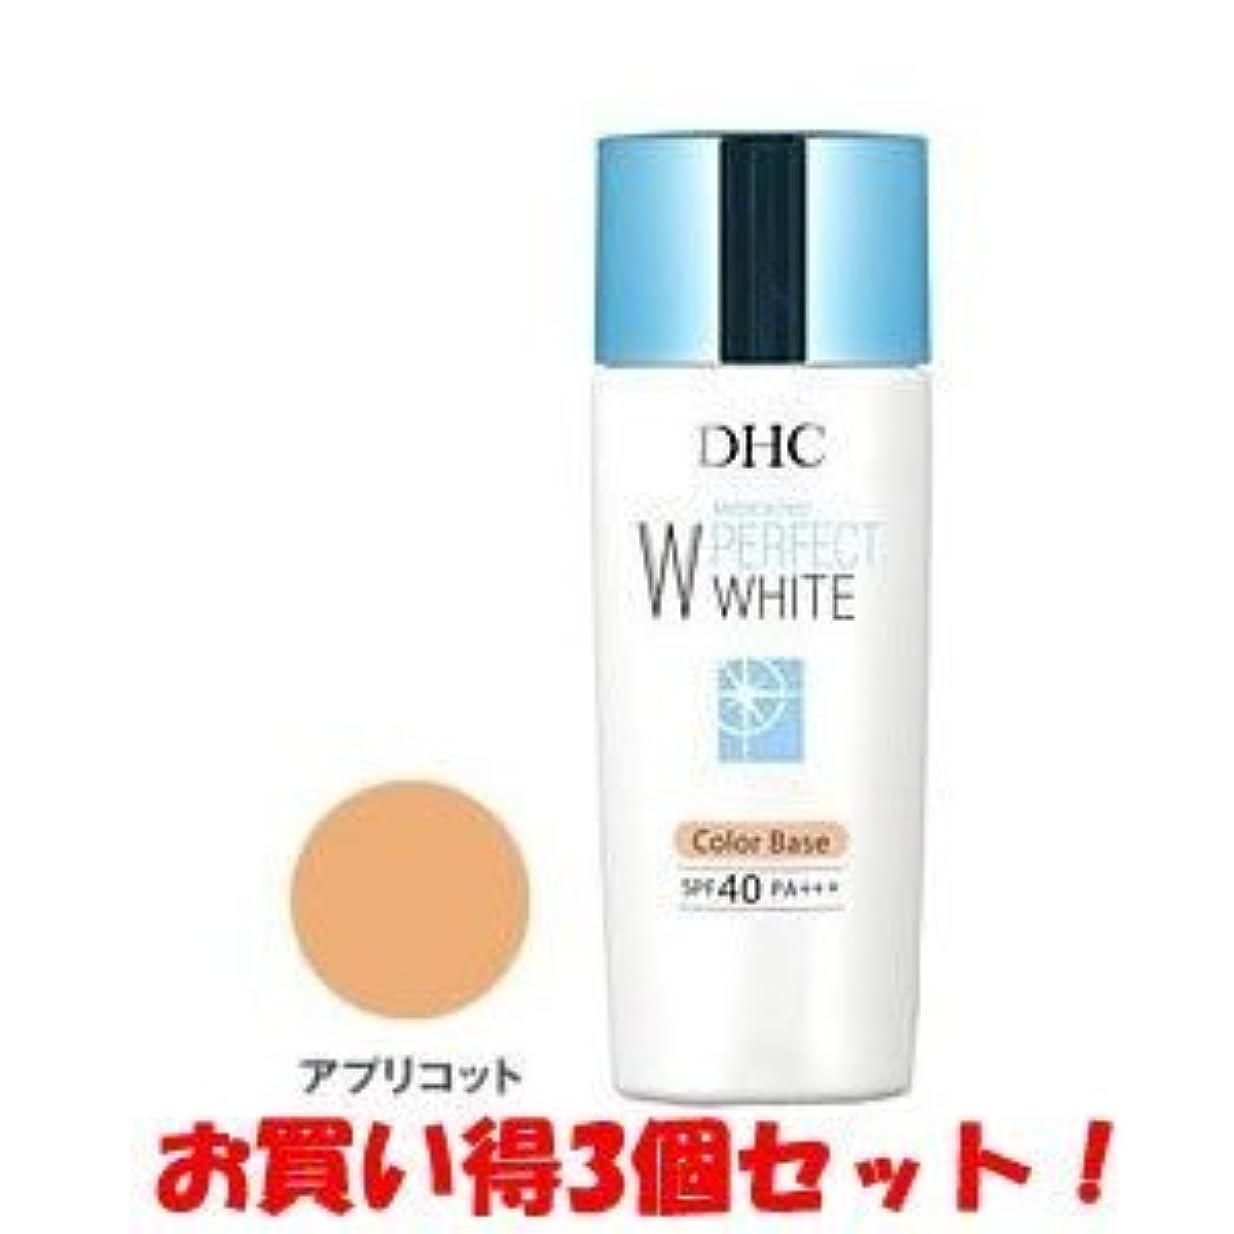 三角で出来ているバーマドDHC 薬用パーフェクトホワイト カラーベース アプリコット 30g(医薬部外品)(お買い得3個セット)